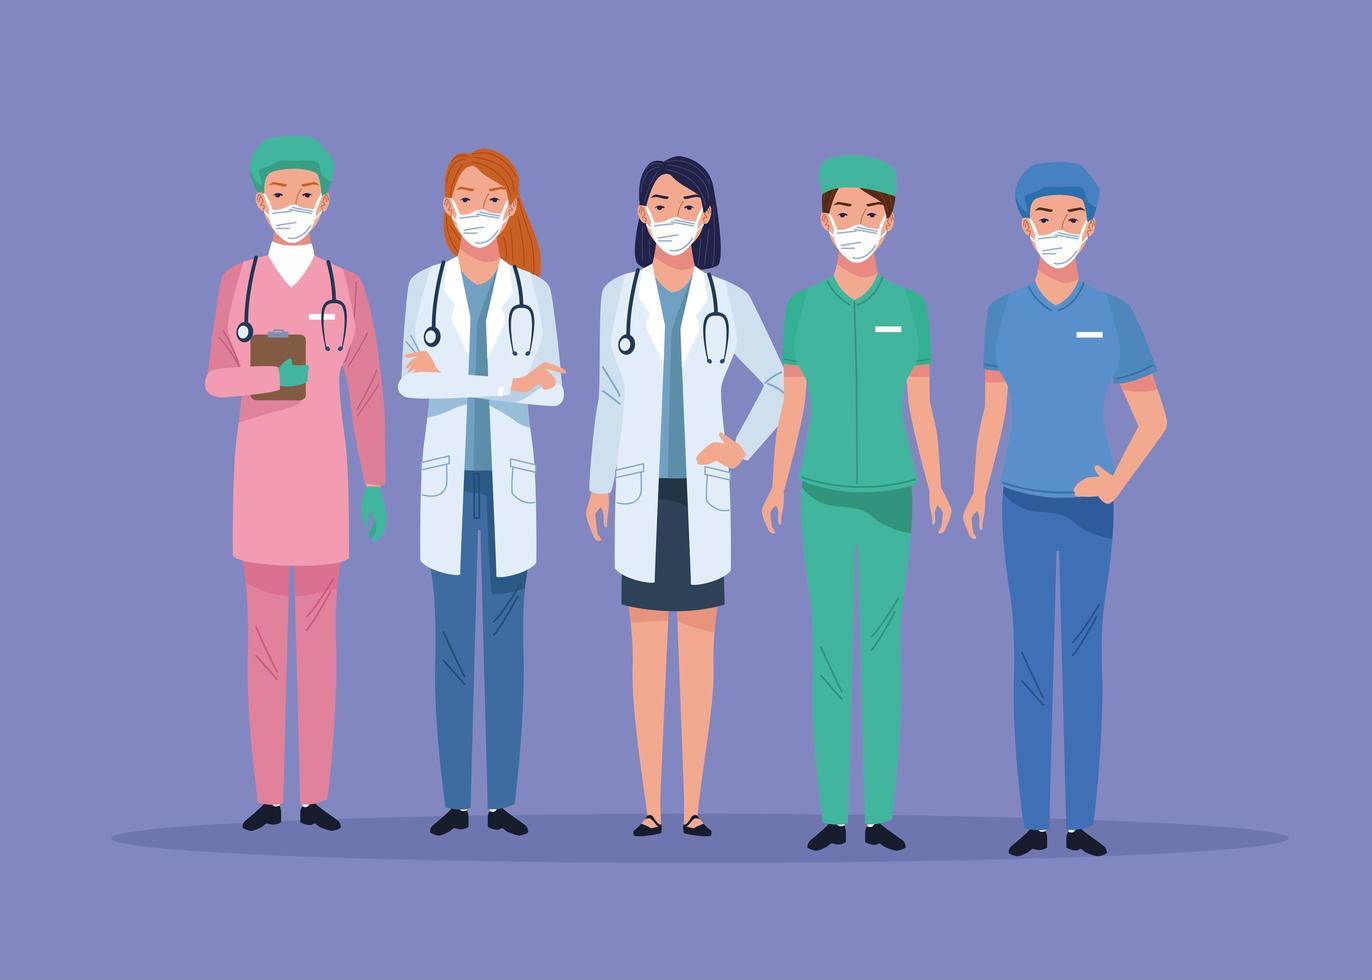 groupe de personnages de travailleurs de la santé vecteur